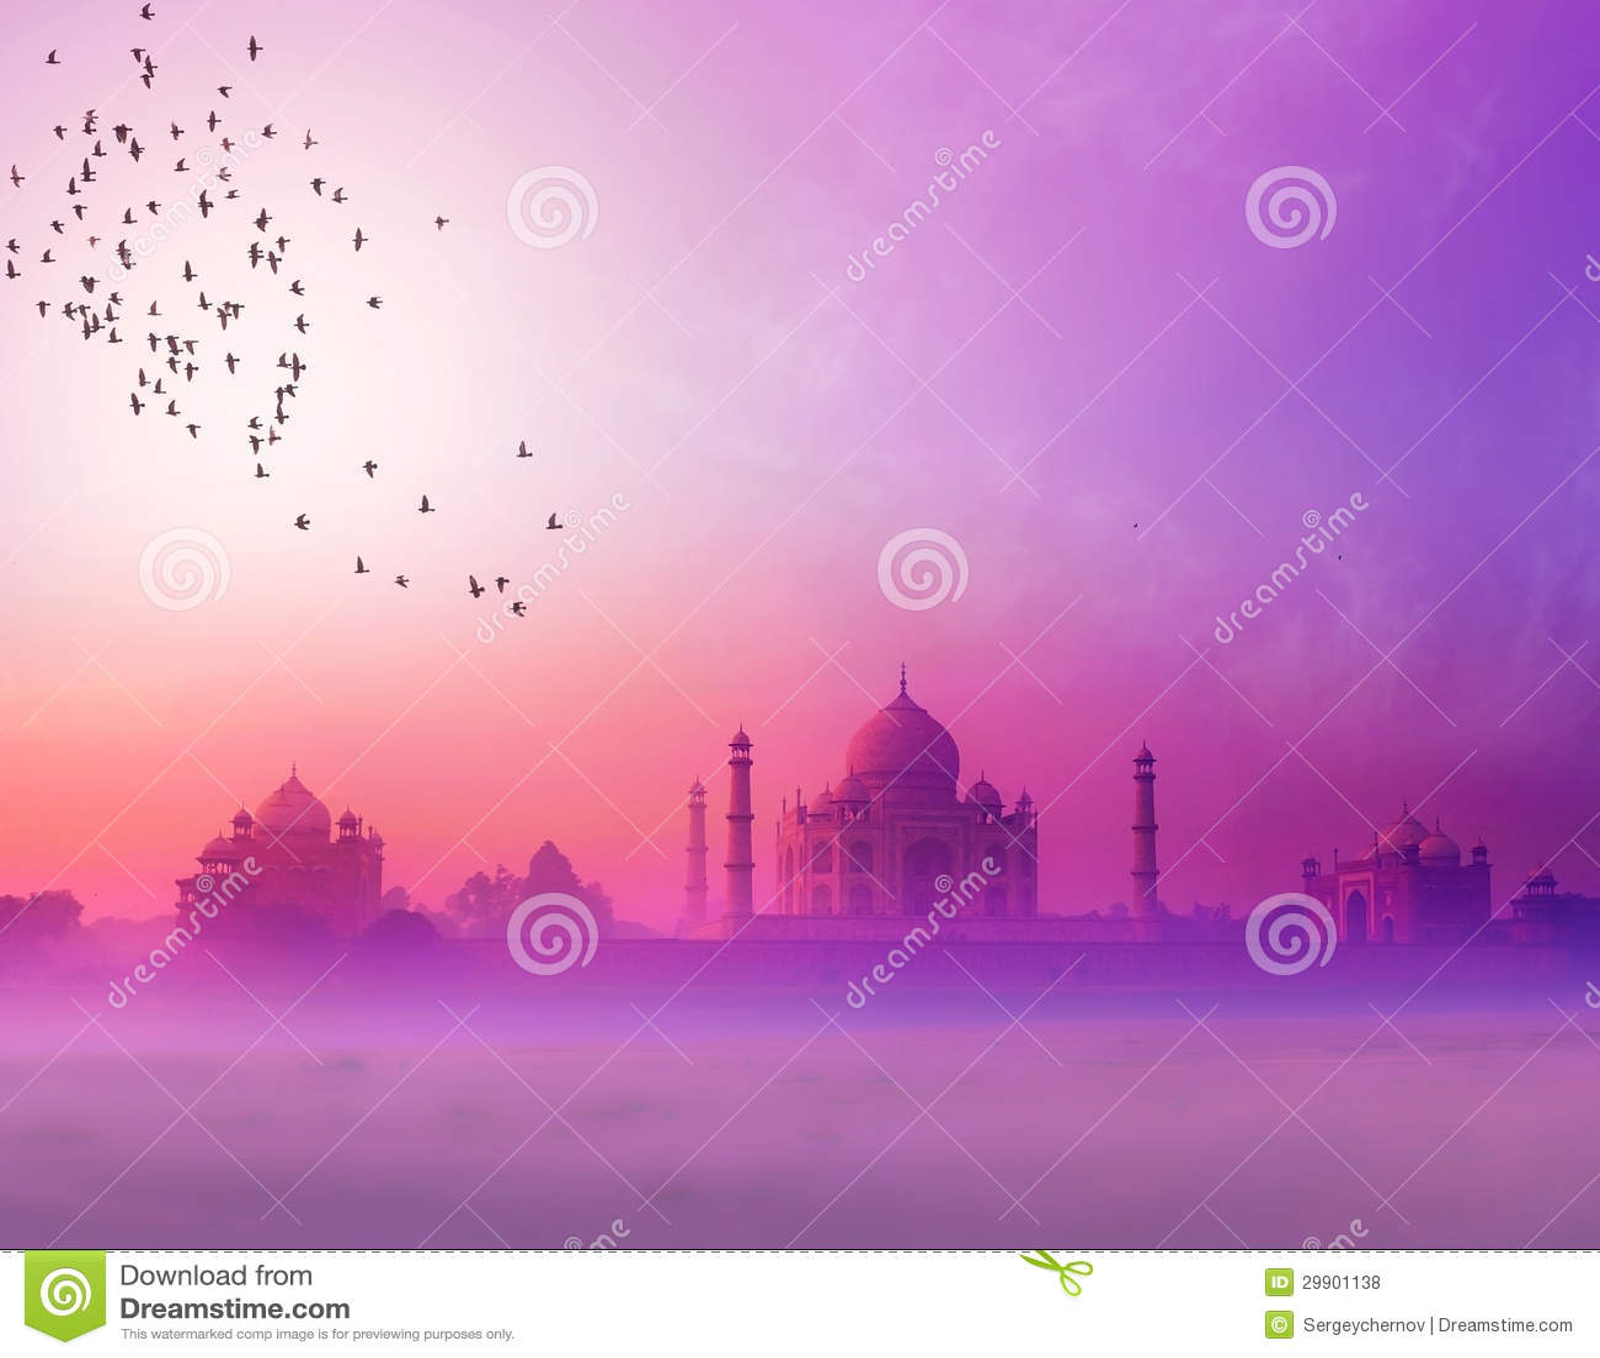 Ινδία. Σκιαγραφία ηλιοβασιλέματος Mahal Taj